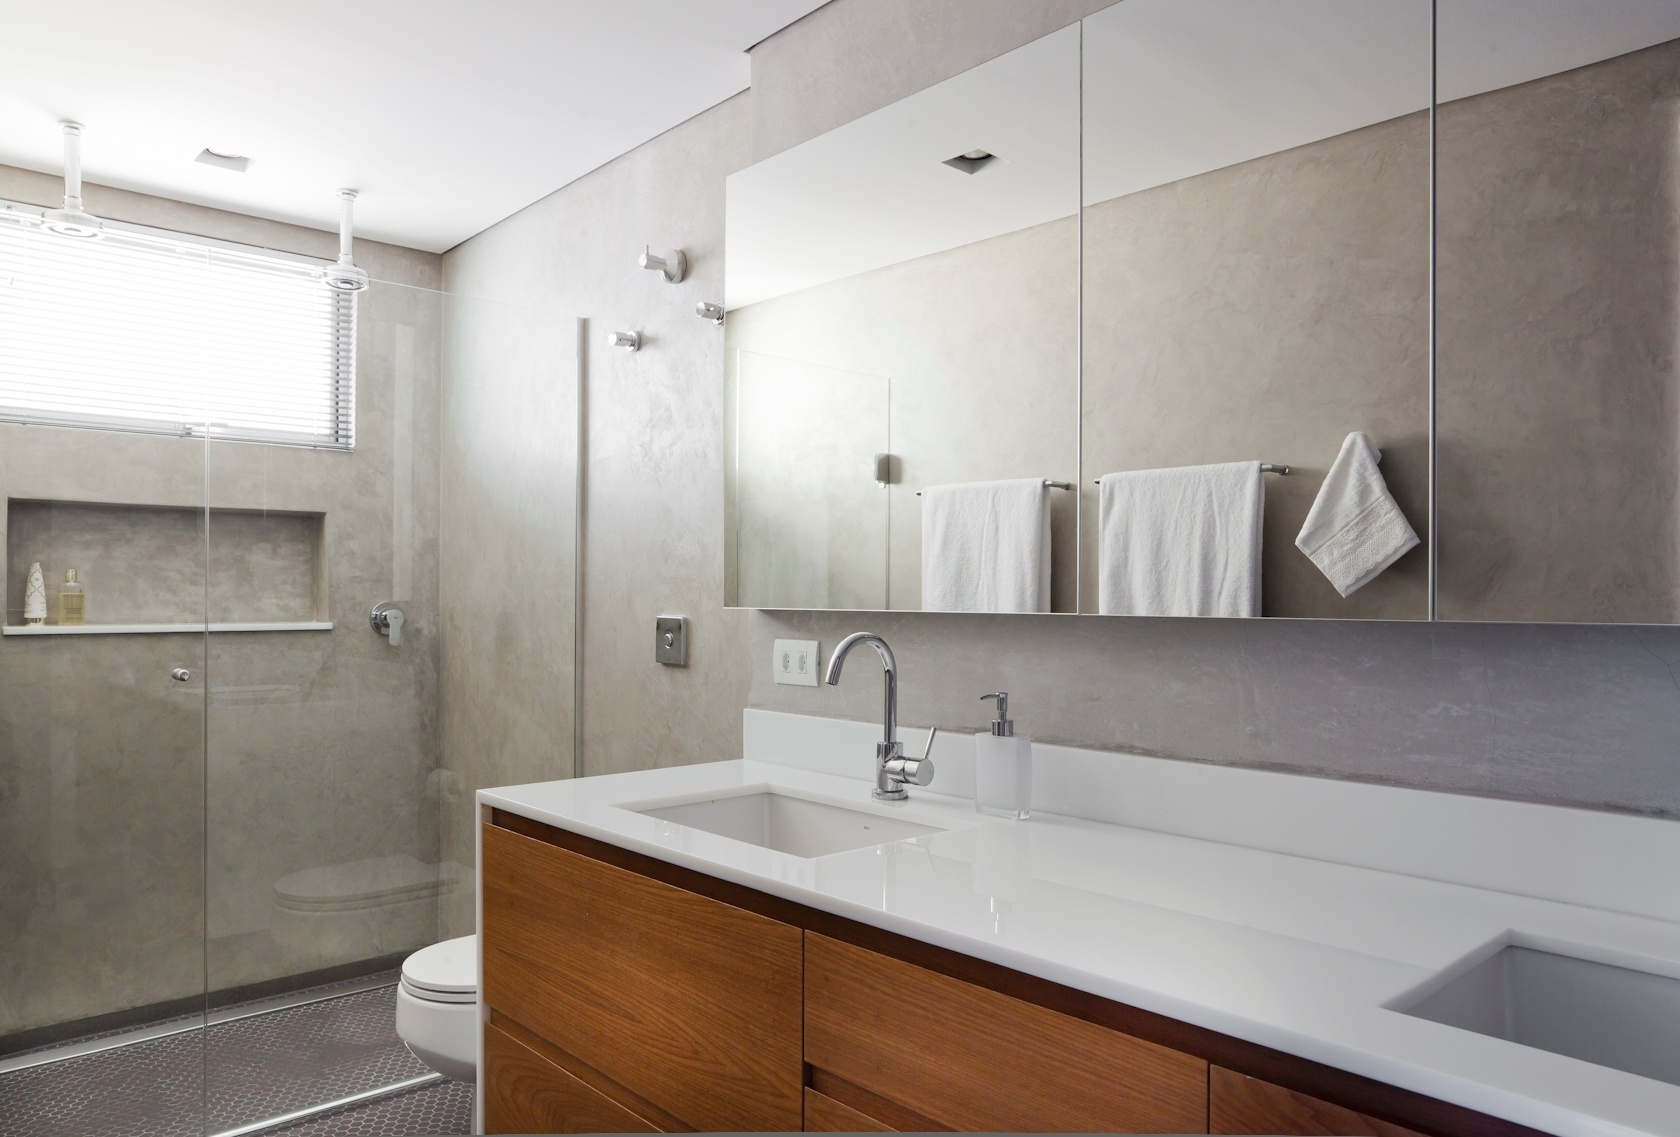 apartamento de 160 m2 no paraiso zona sul de sao paulo recebeu piso de  #6E4124 1680x1137 Banheiro Com Parede De Cimento Queimado